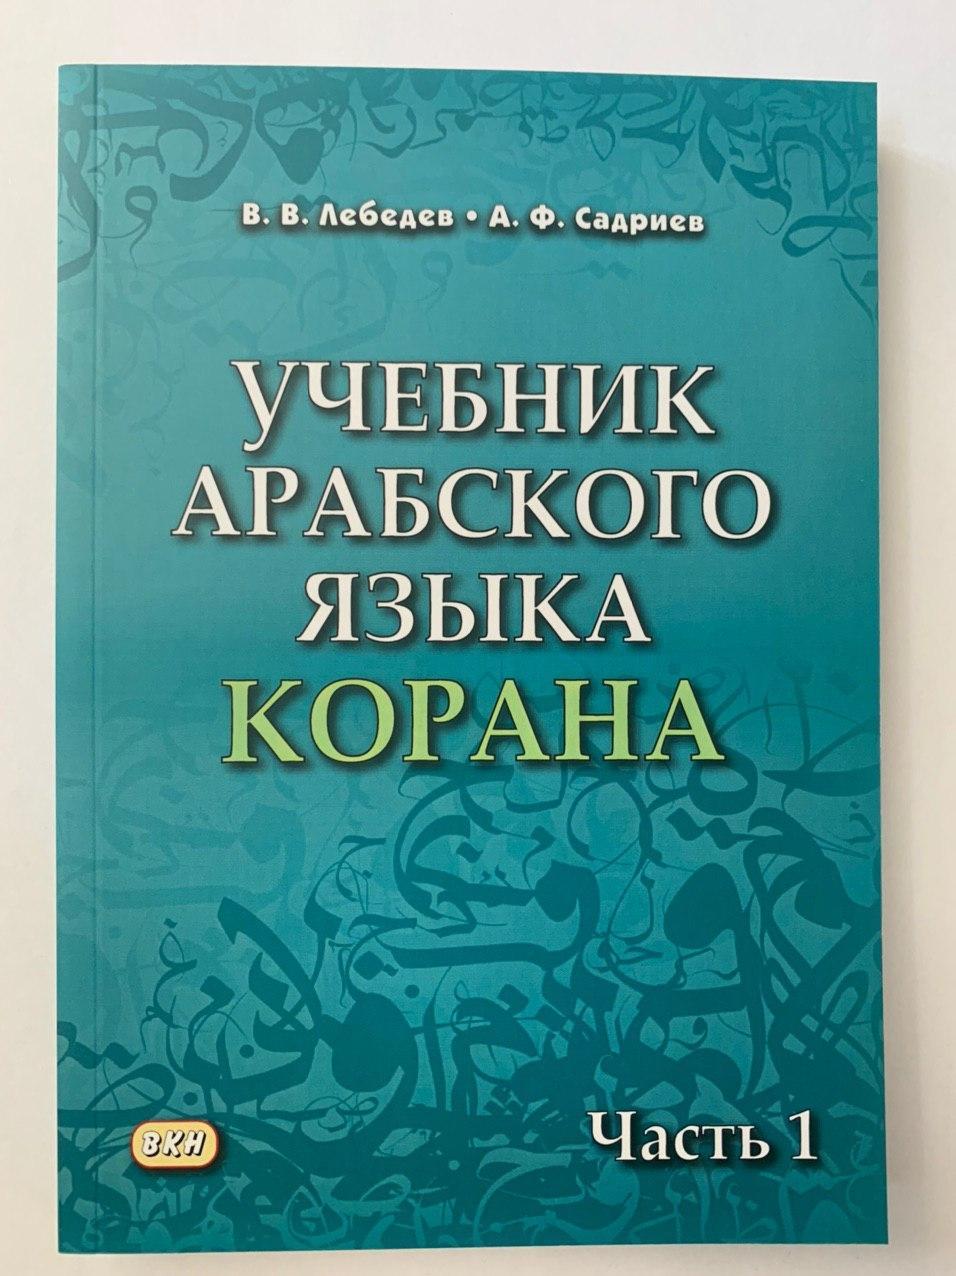 Учебник для изучения арабского языка